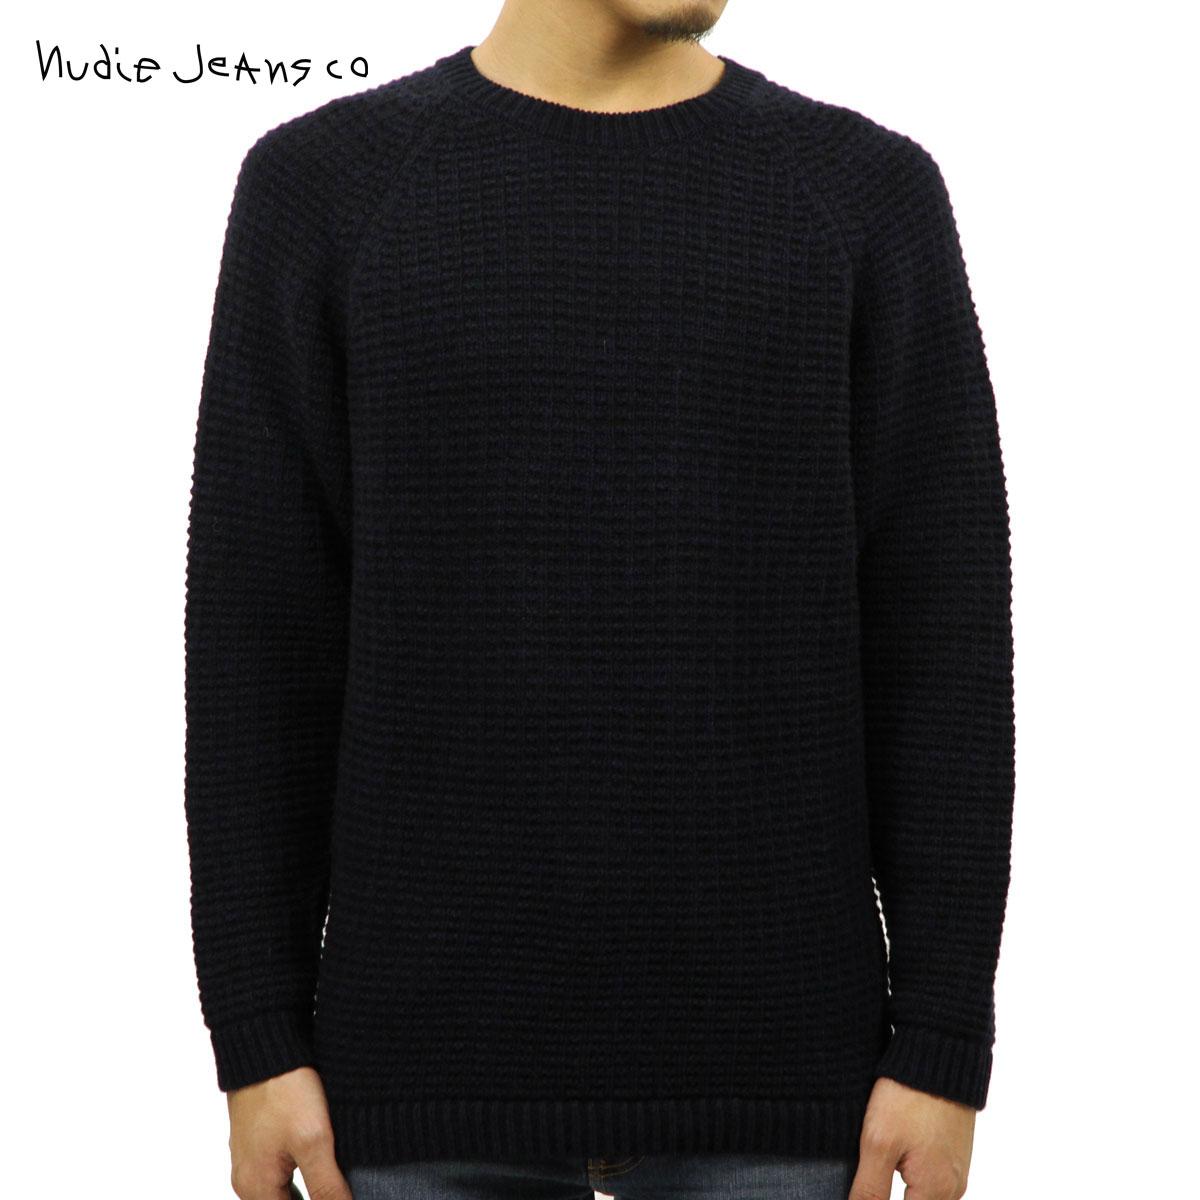 ヌーディージーンズ Nudie Jeans 正規販売店 メンズ セーター HANS STRUCTURE KNIT SWEATER 150327 6002 BLACK/BLUE